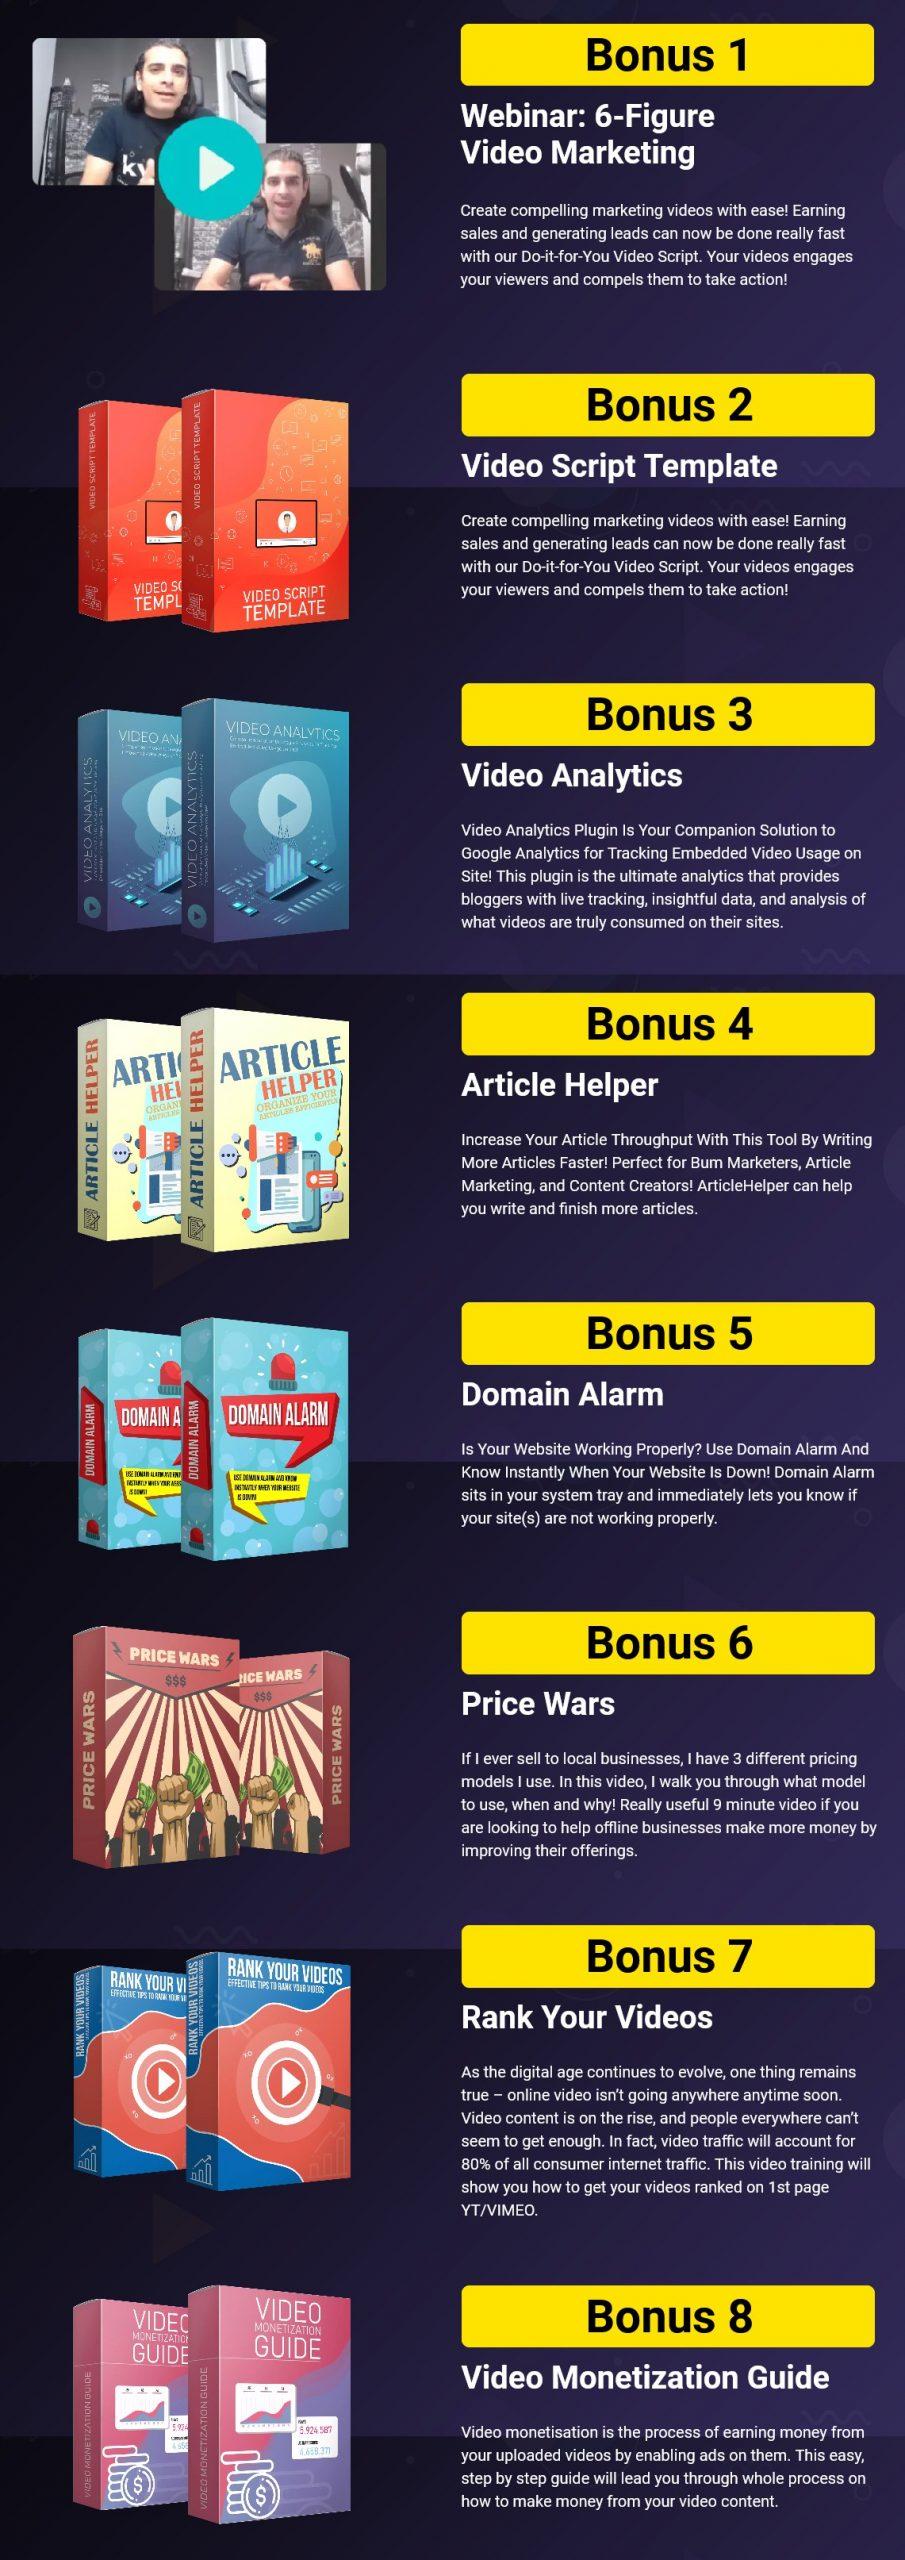 GrabVid bonuses